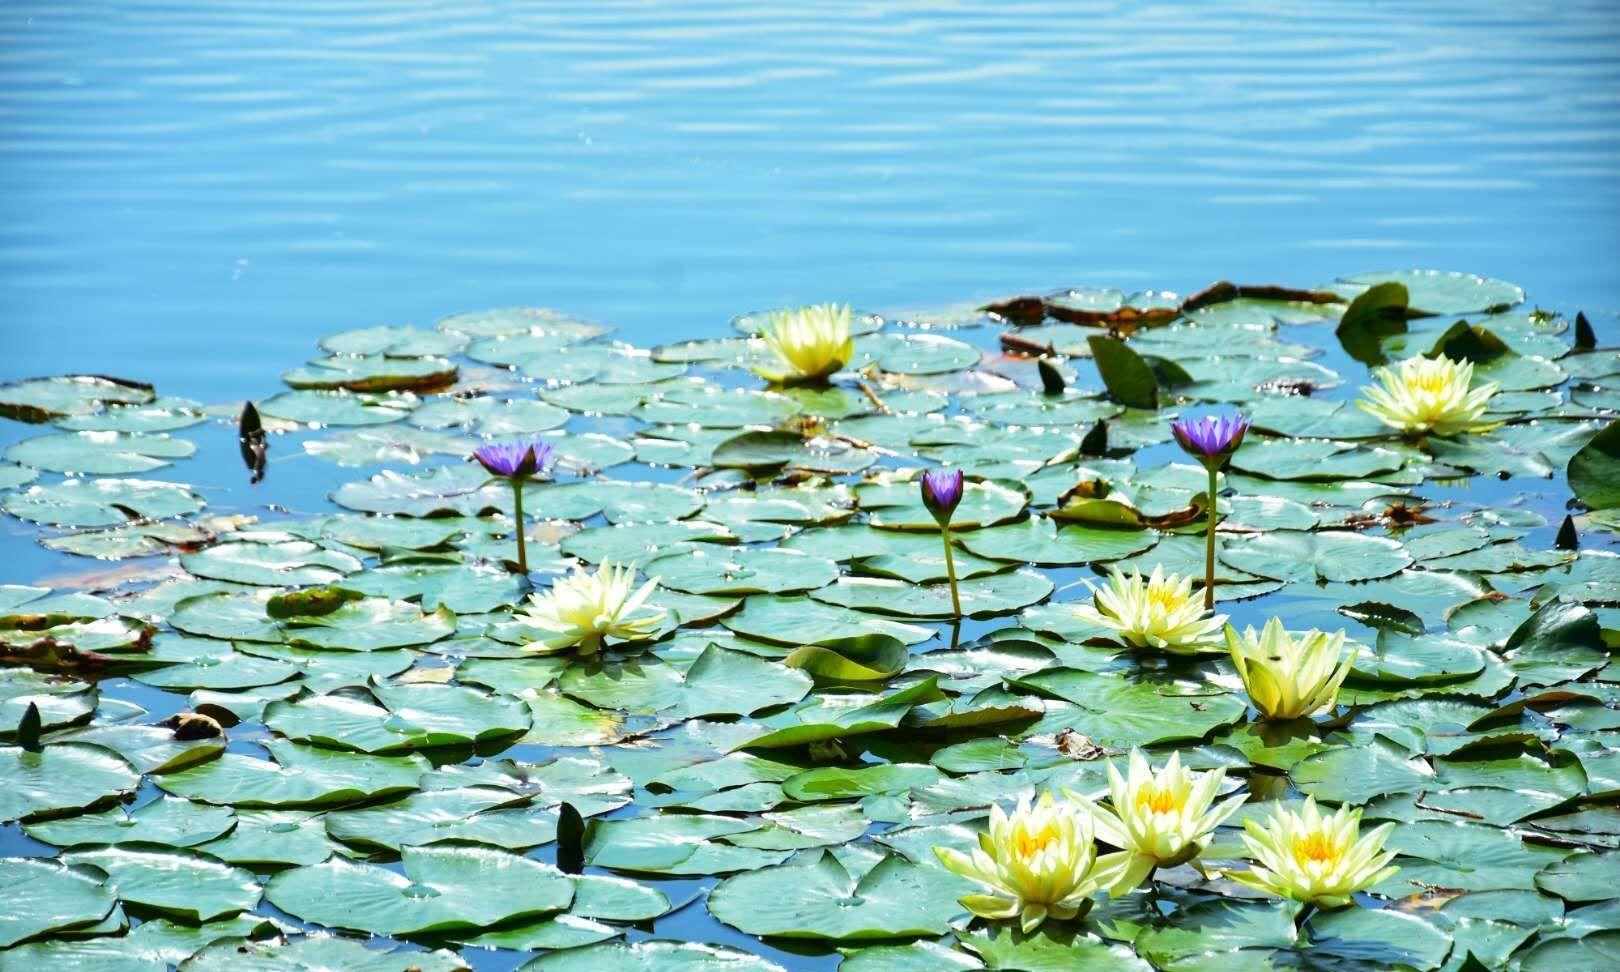 让我想起莫奈的《池塘.睡莲》——广州创业公园的睡莲